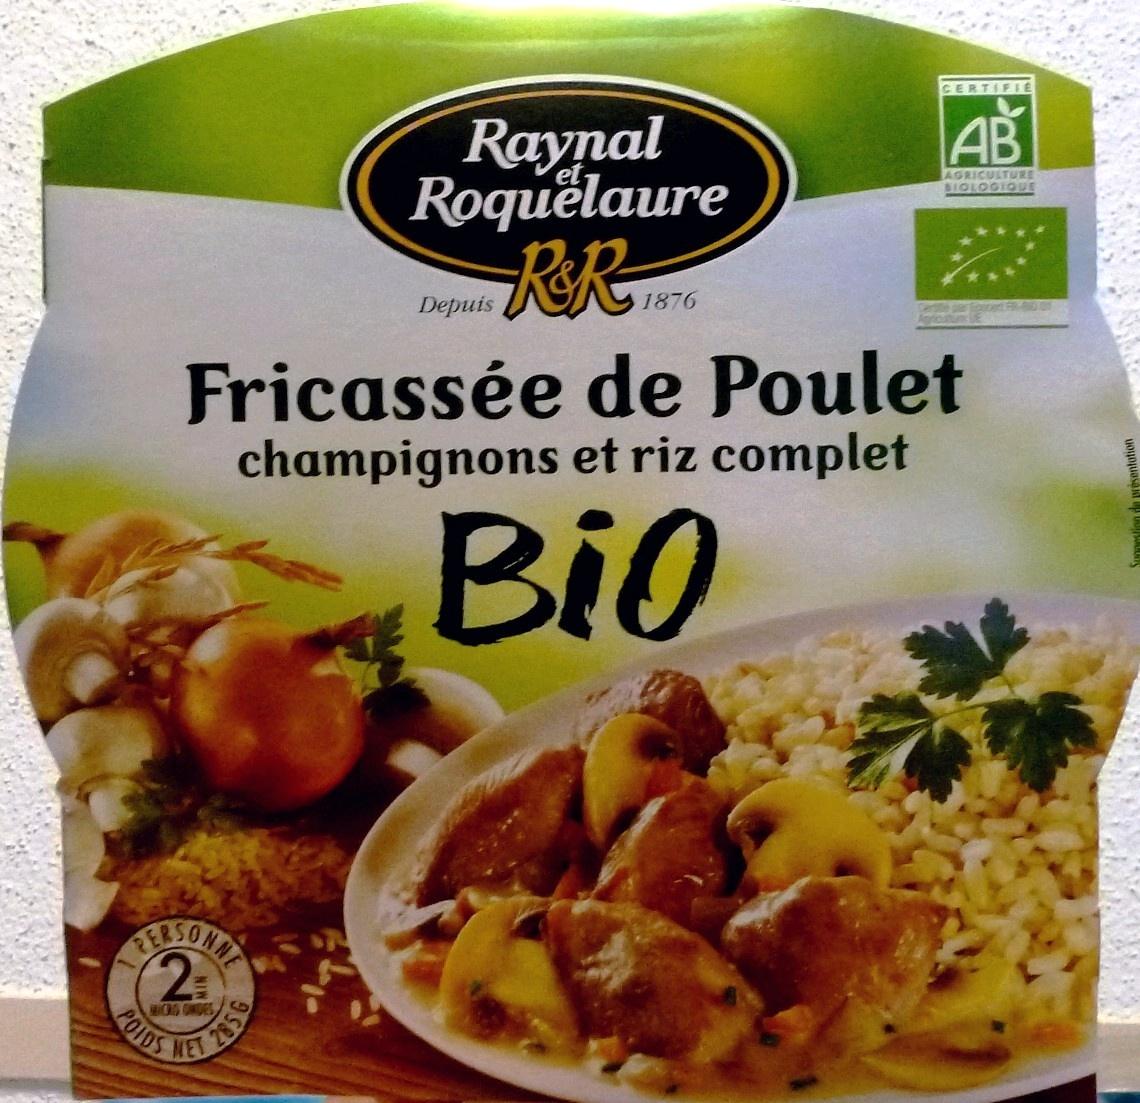 Fricassée de Poulet champignons et riz complet BIO - Produit